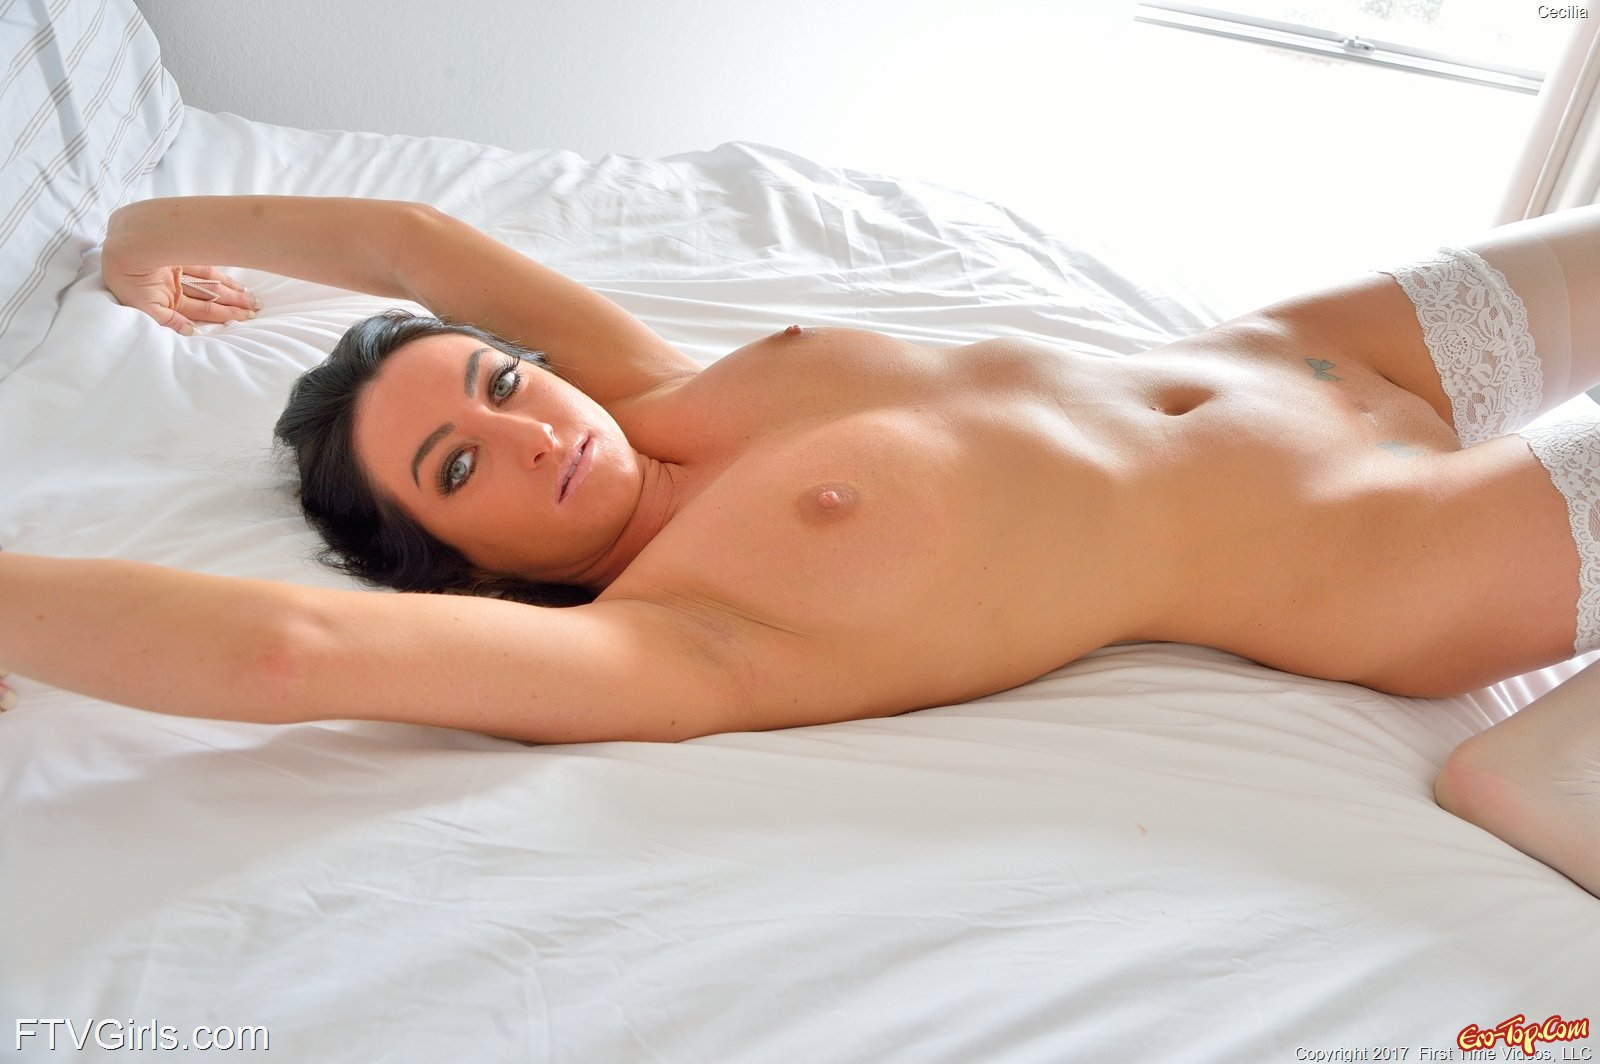 Брюнетка светит попку и гладкую киску в постели